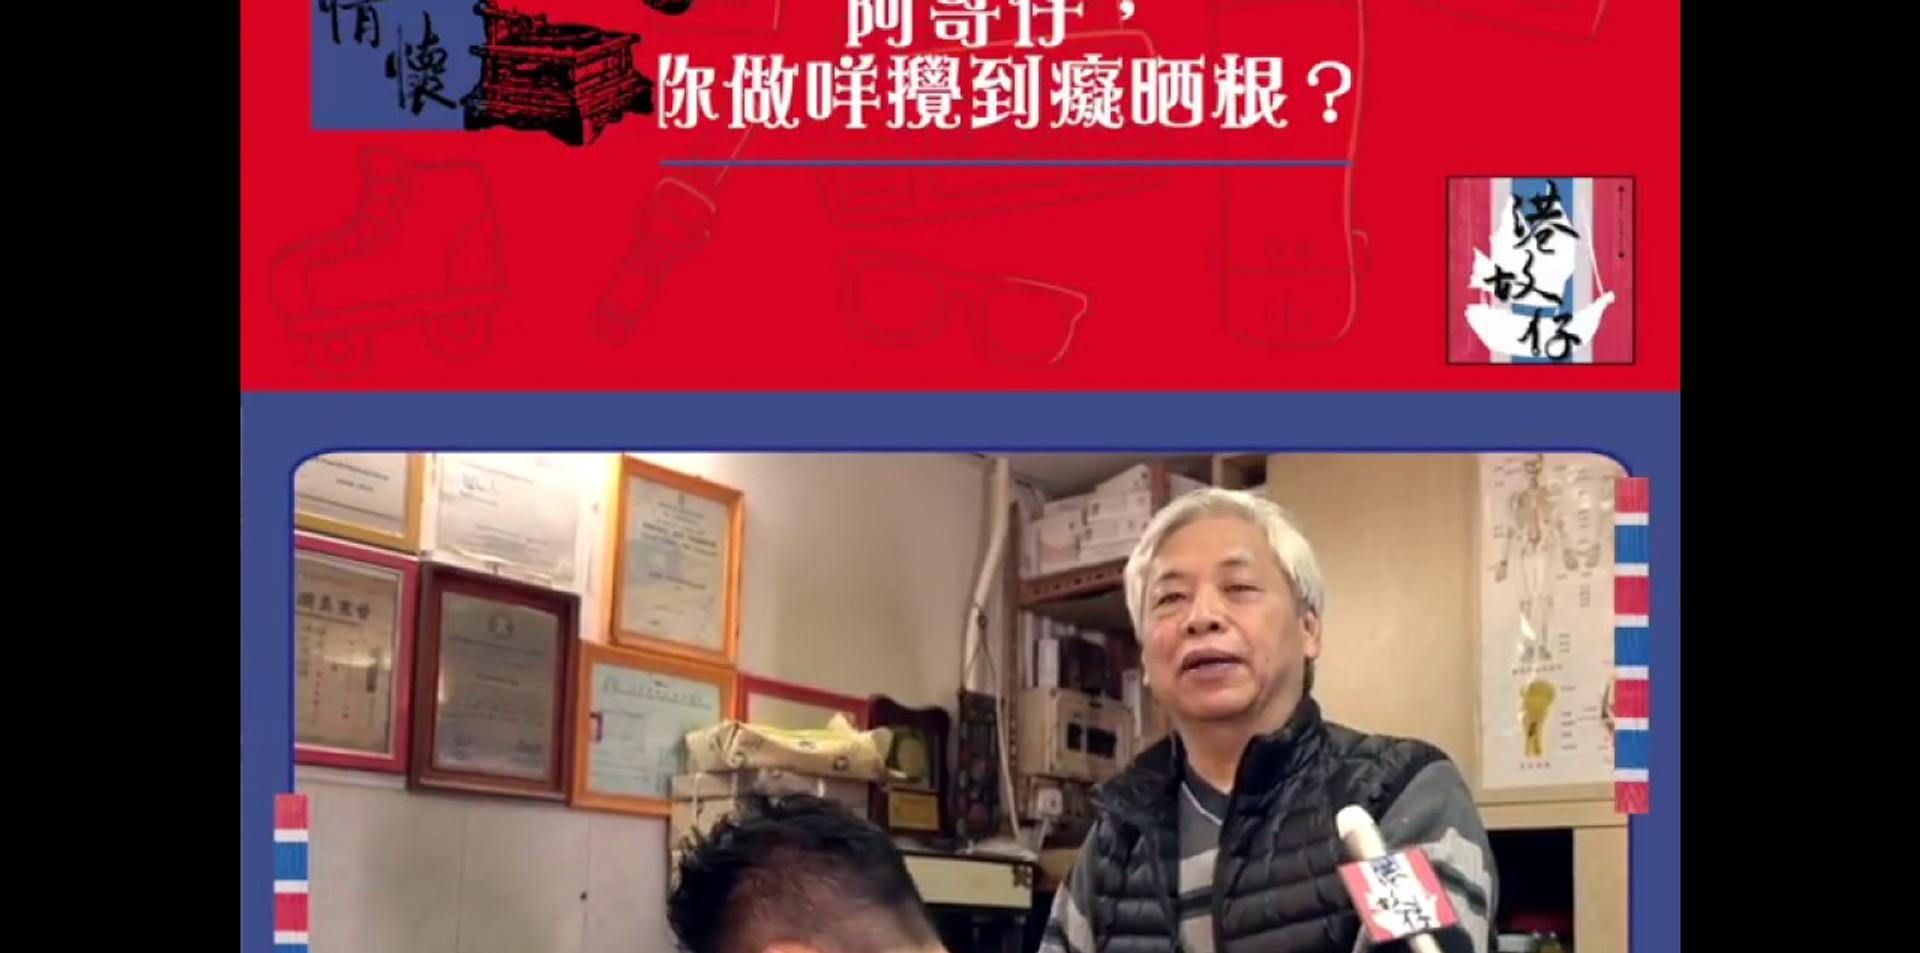 港街訪 #06 #港情懷 #跌打講義 #集賢堂 #潘醫師